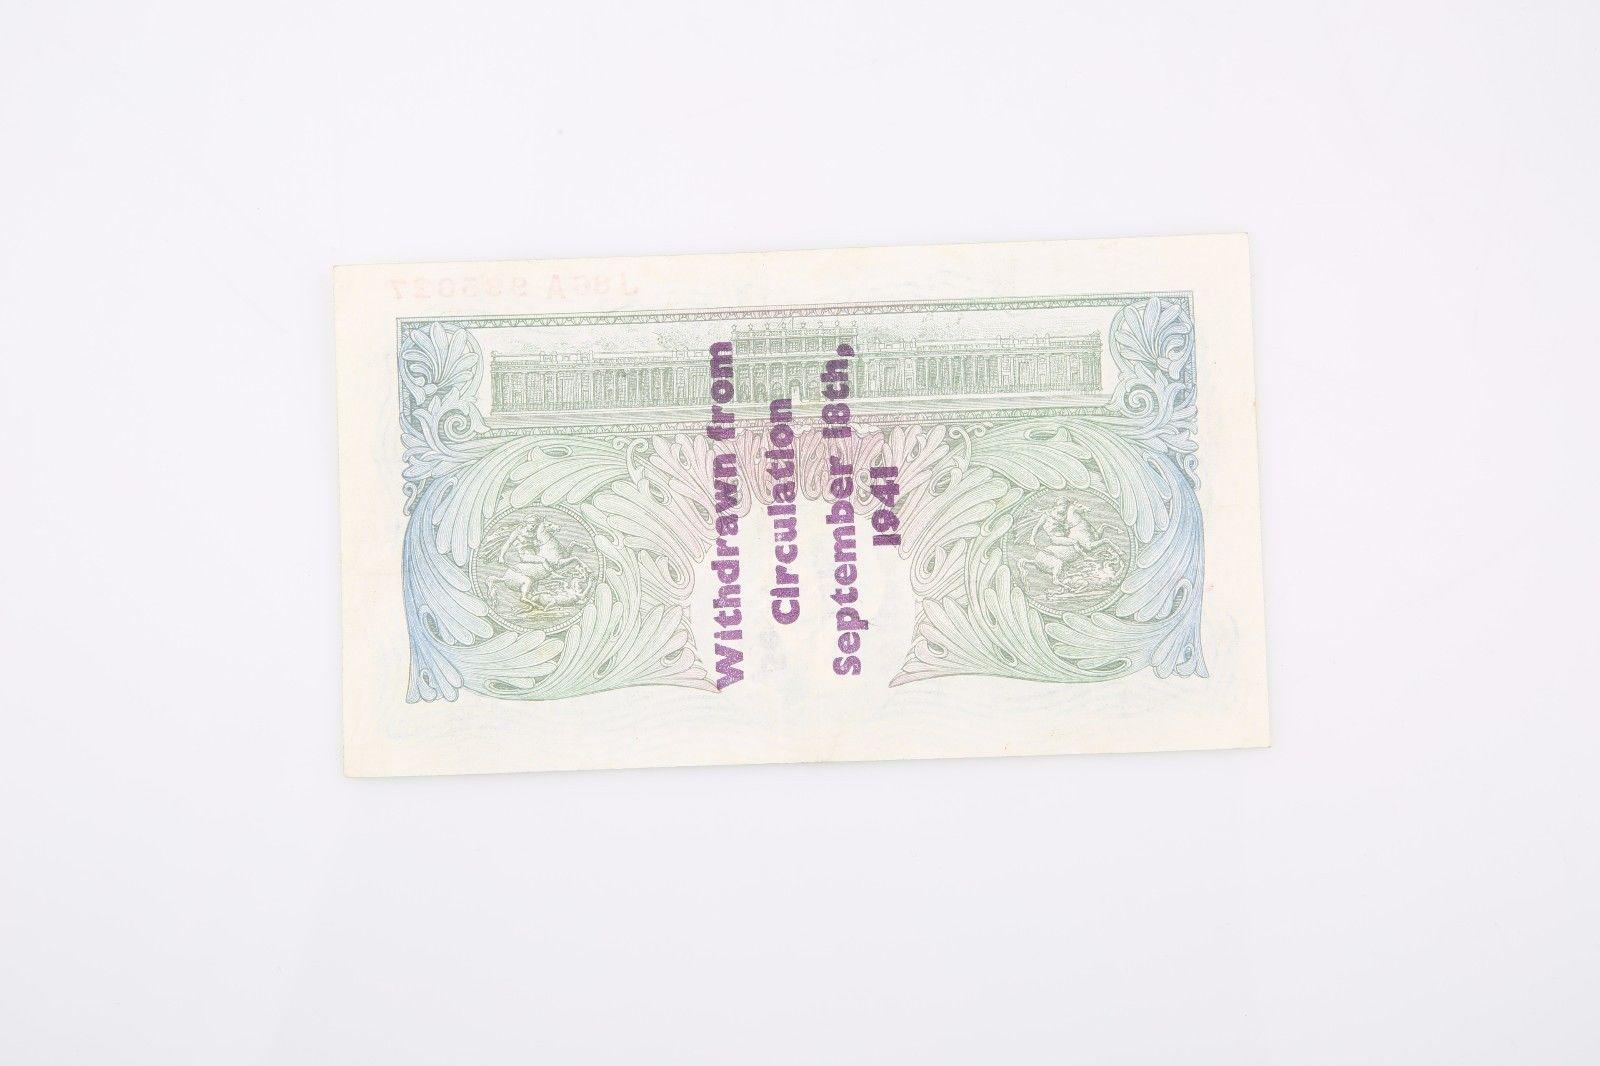 1934-1939 ND Gran Bretaña Libra xf-40 PMG Banco de Inglaterra EXTRAORDINARIA image 4